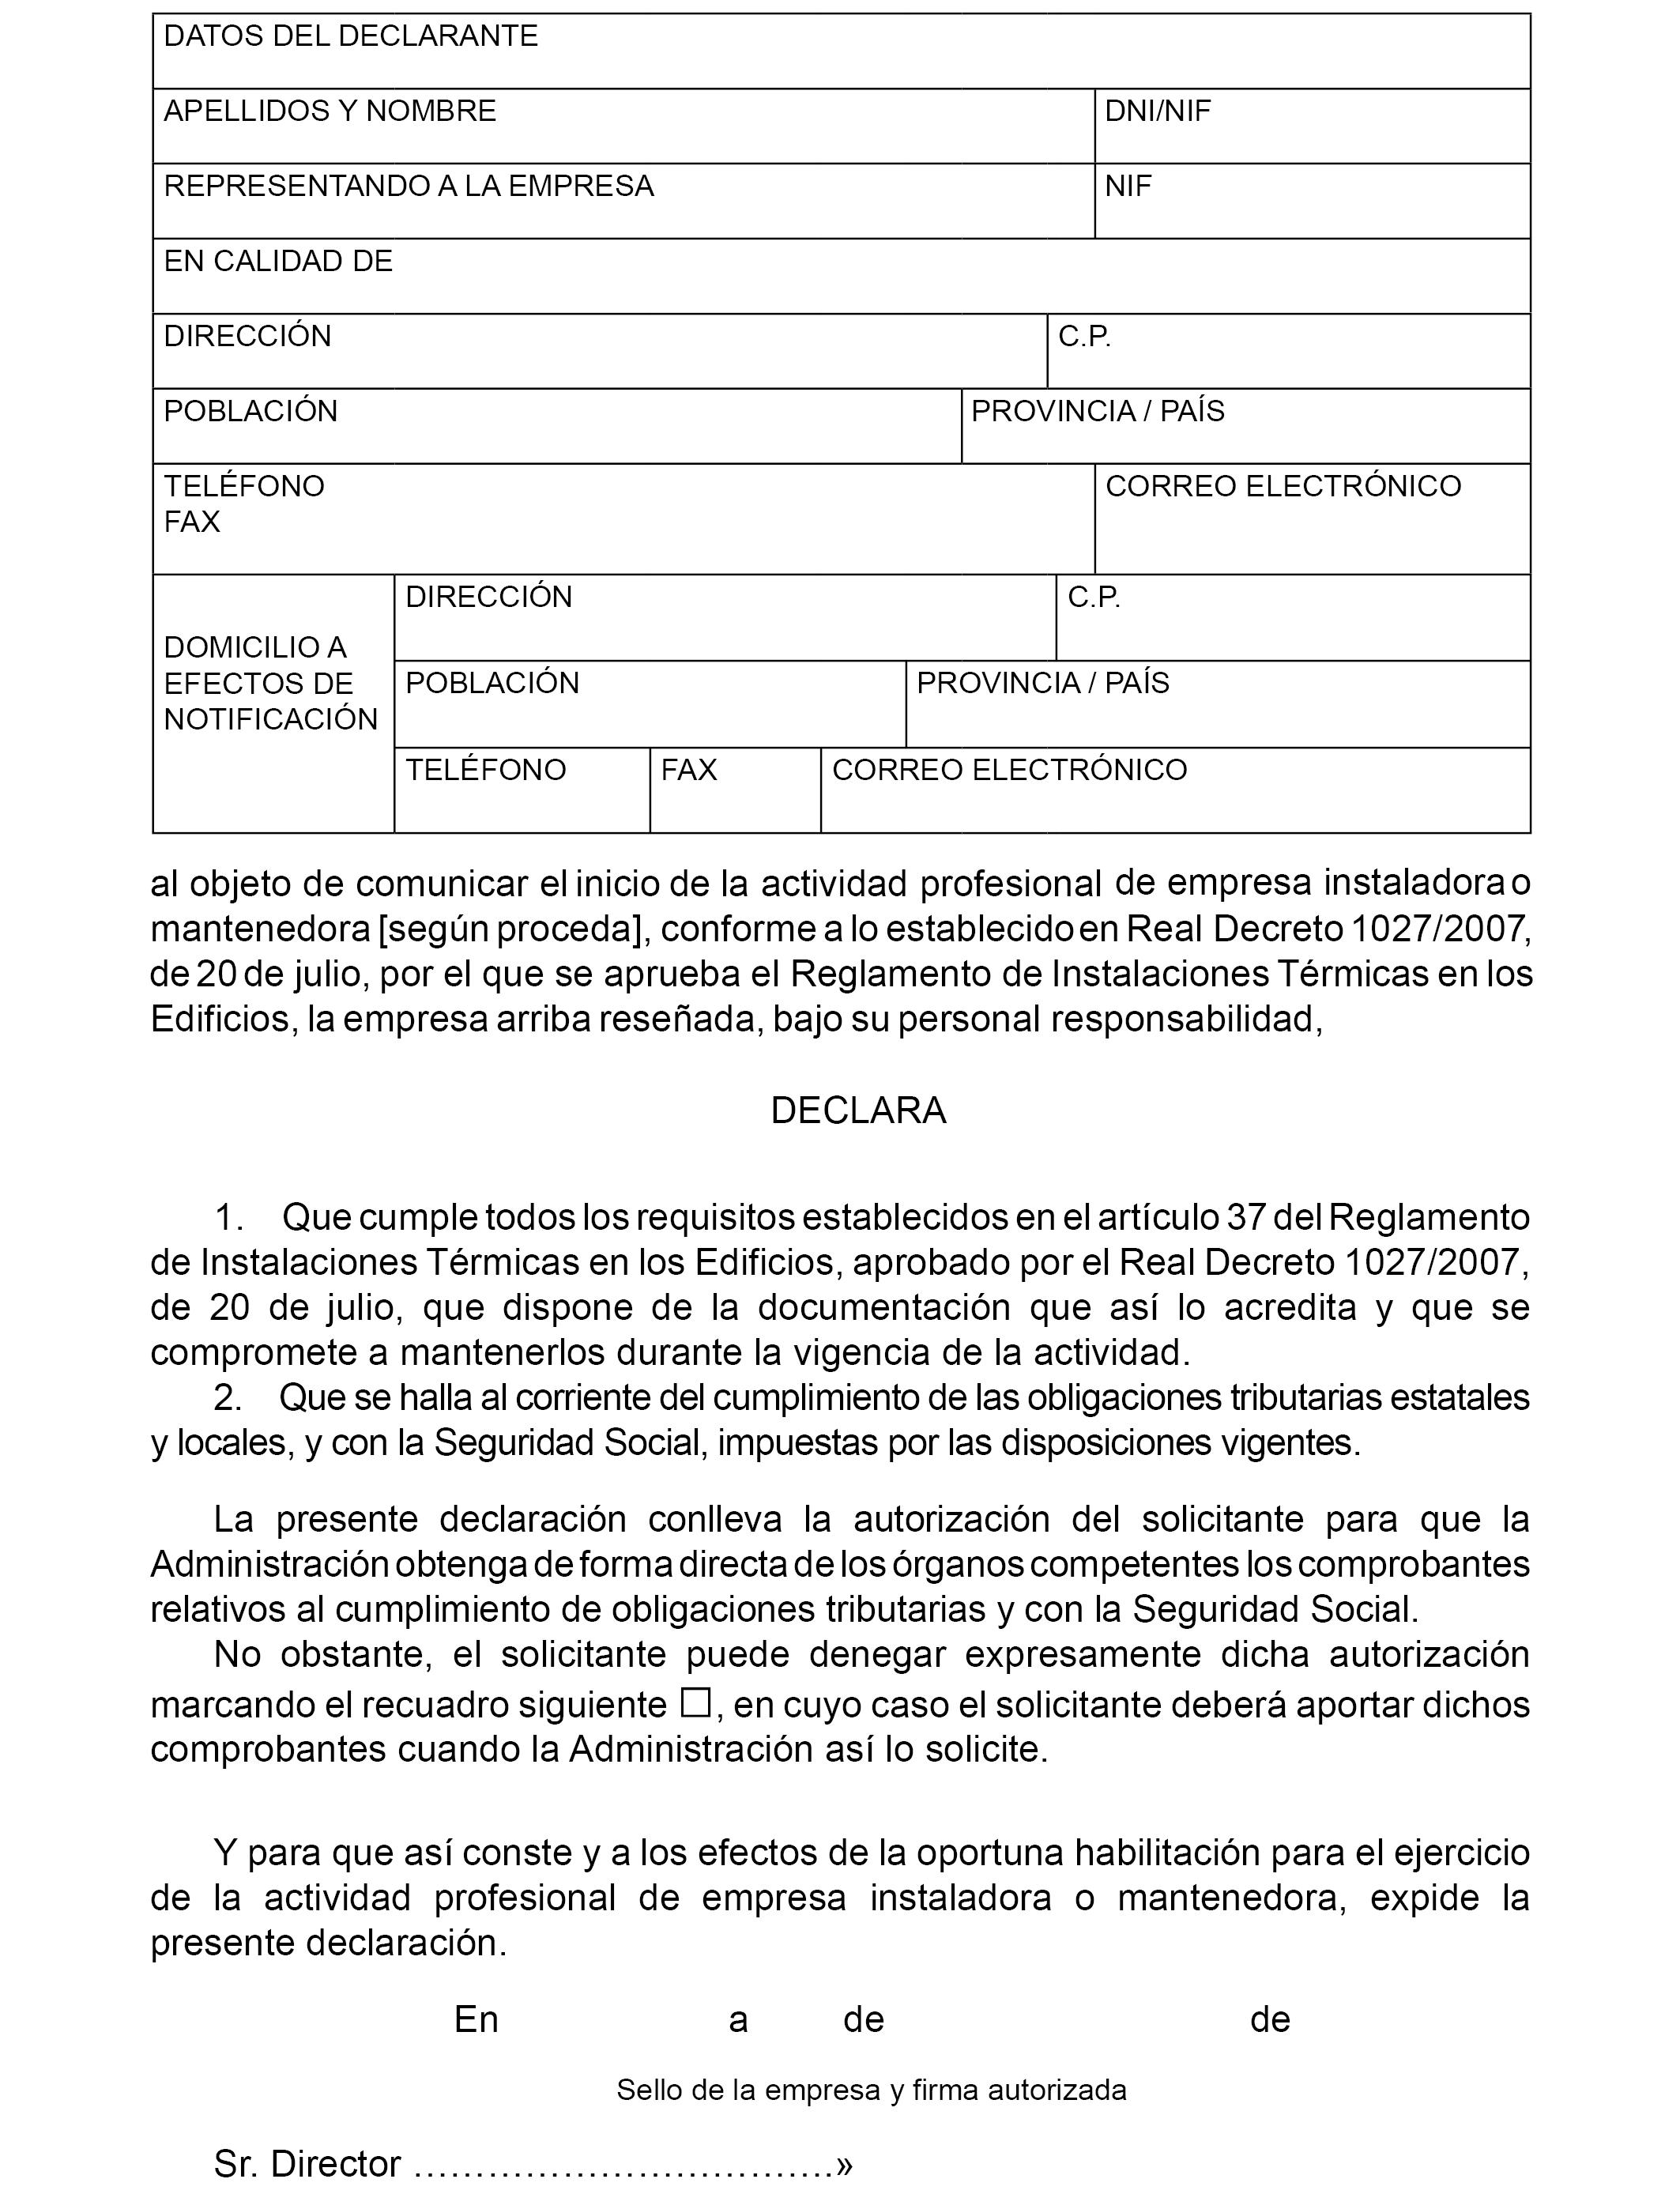 BOE.es - Documento consolidado BOE-A-2007-15820